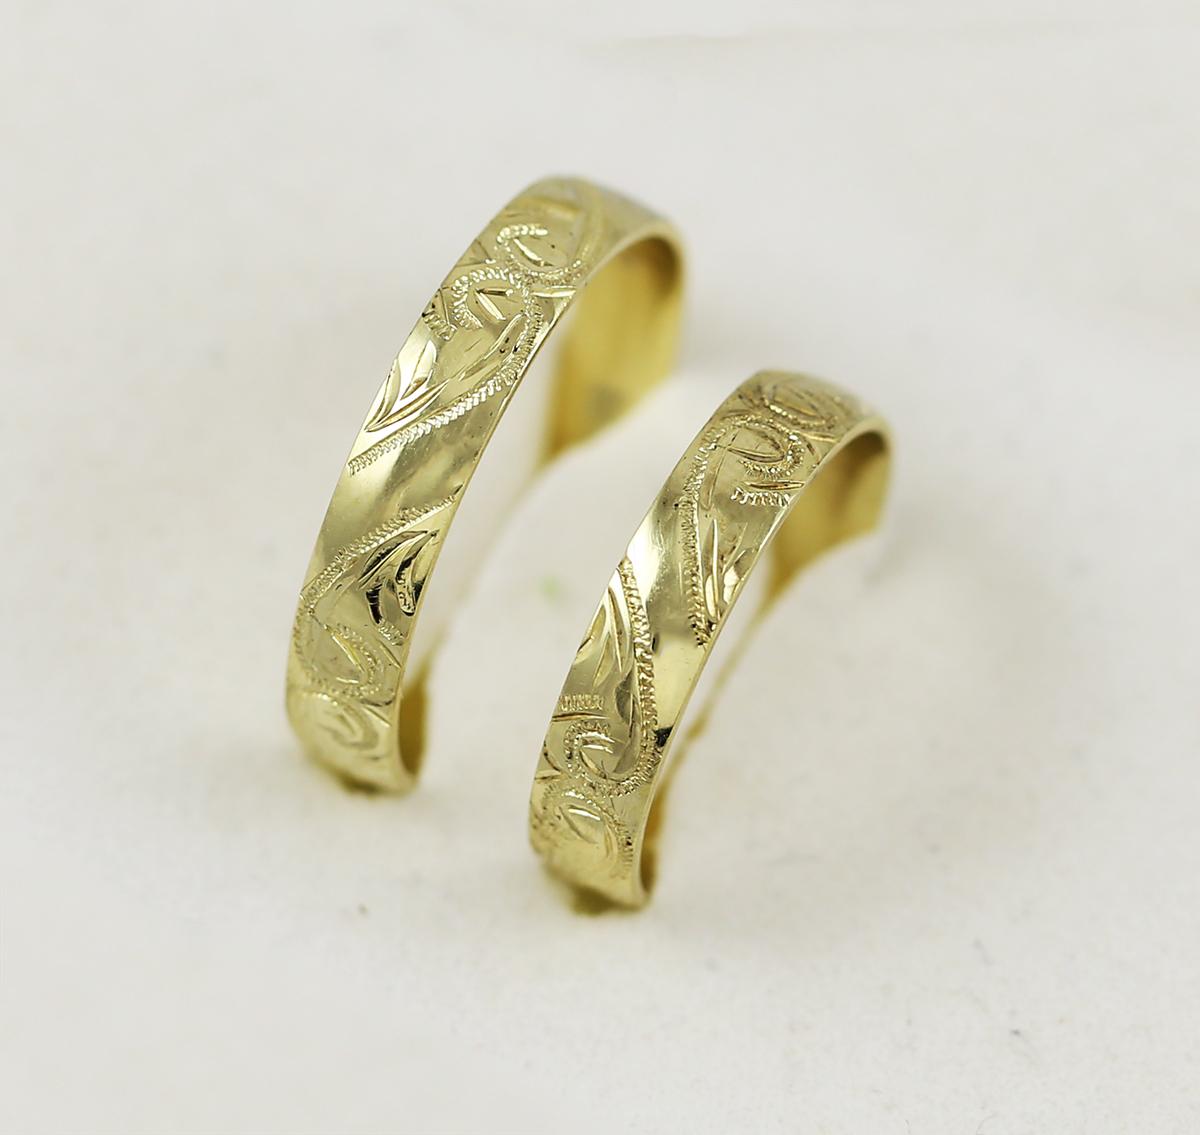 Ozdobne Ryte Snubni Prsteny